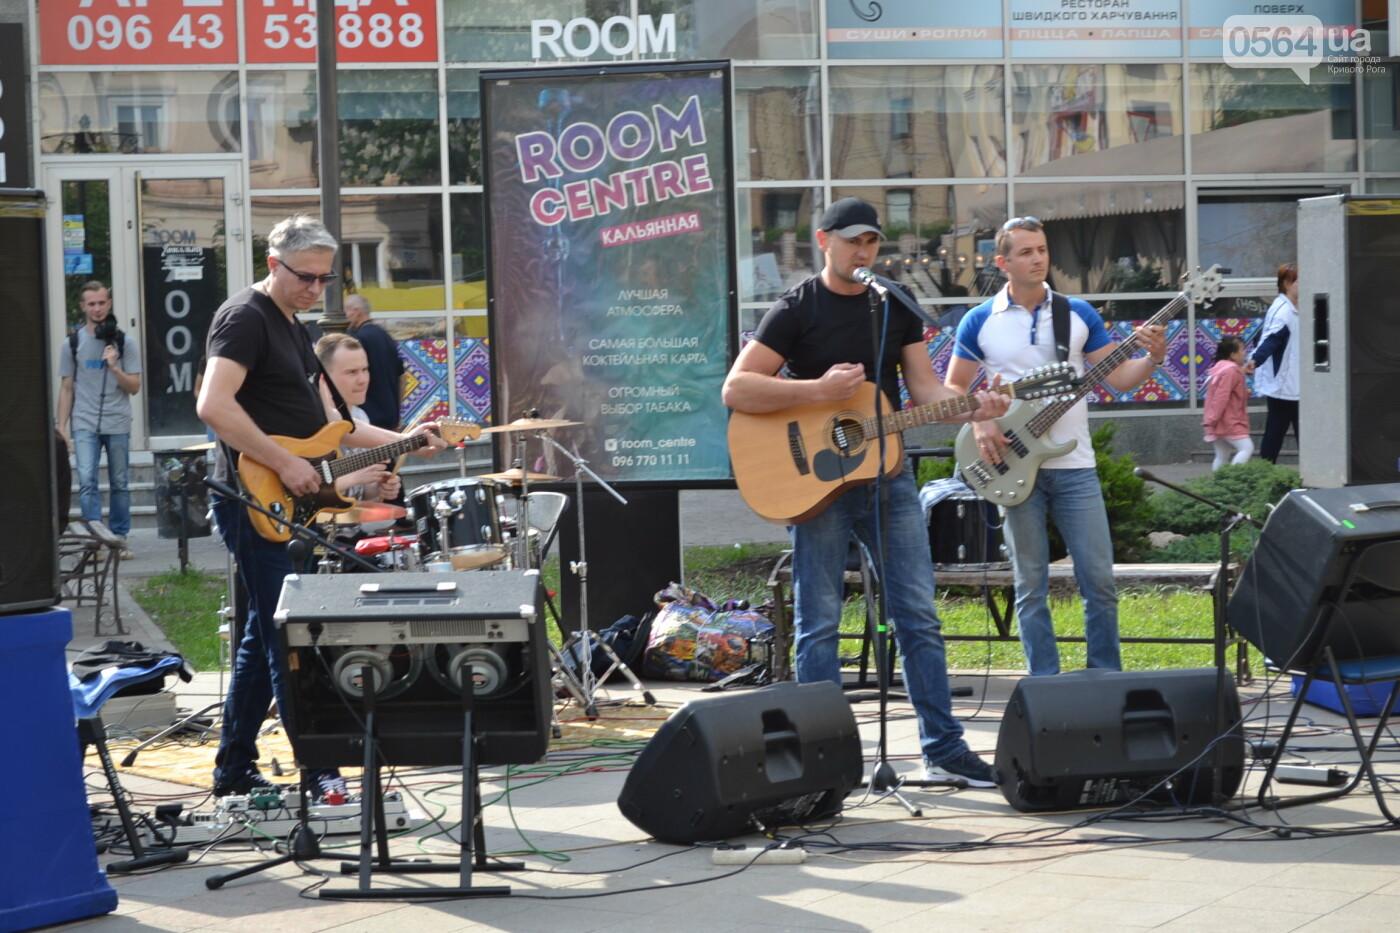 Играют все: на проспекте Почтовом в Кривом Роге проходит фестиваль уличной музыки, - ФОТО, ВИДЕО, фото-3